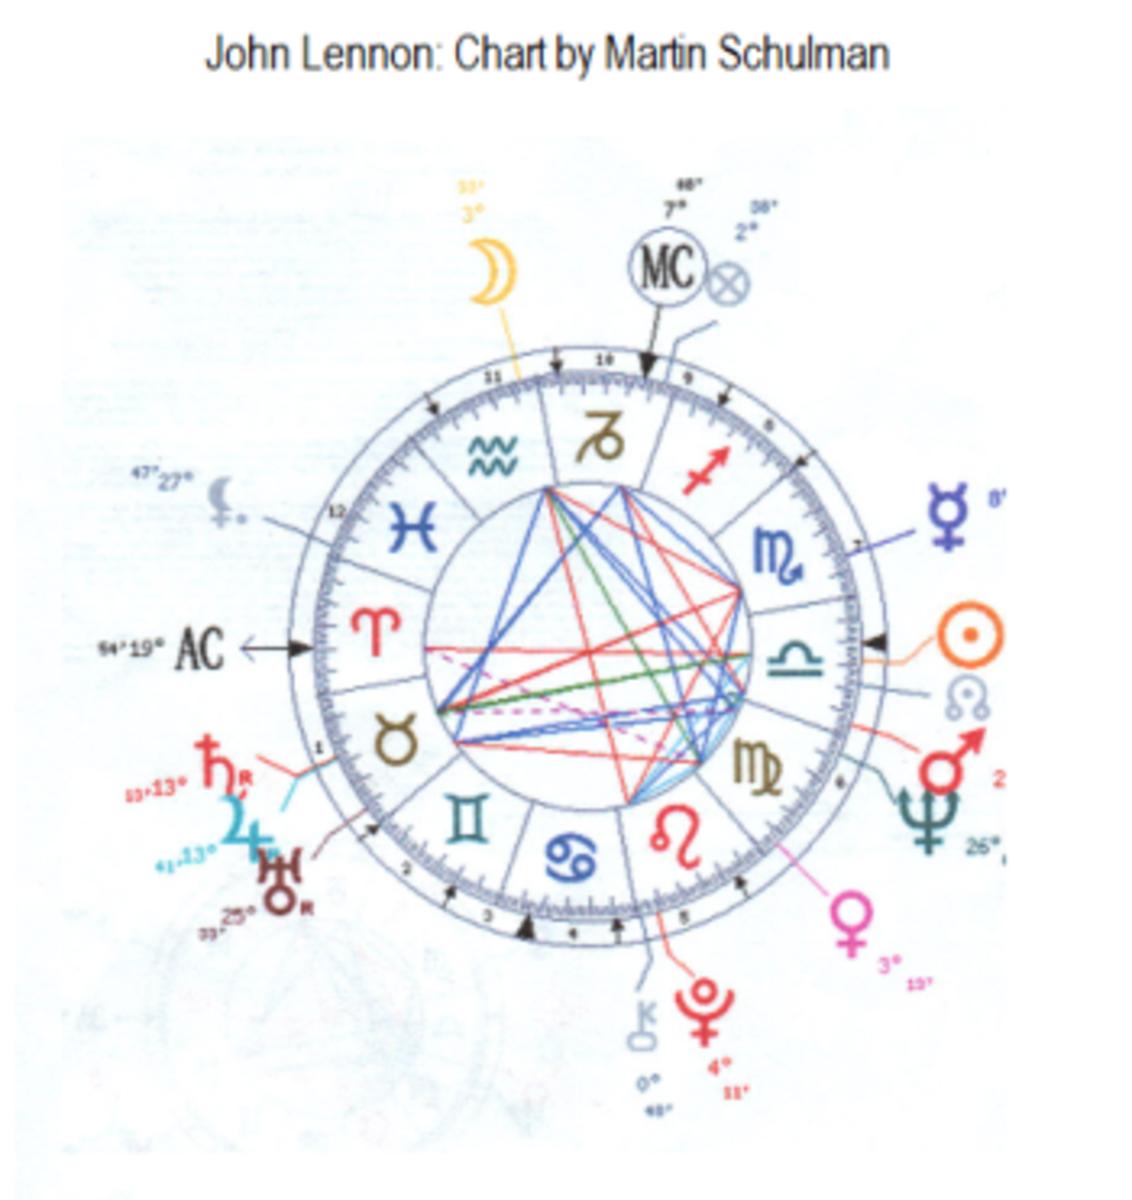 John Lennon's Astrology chart.